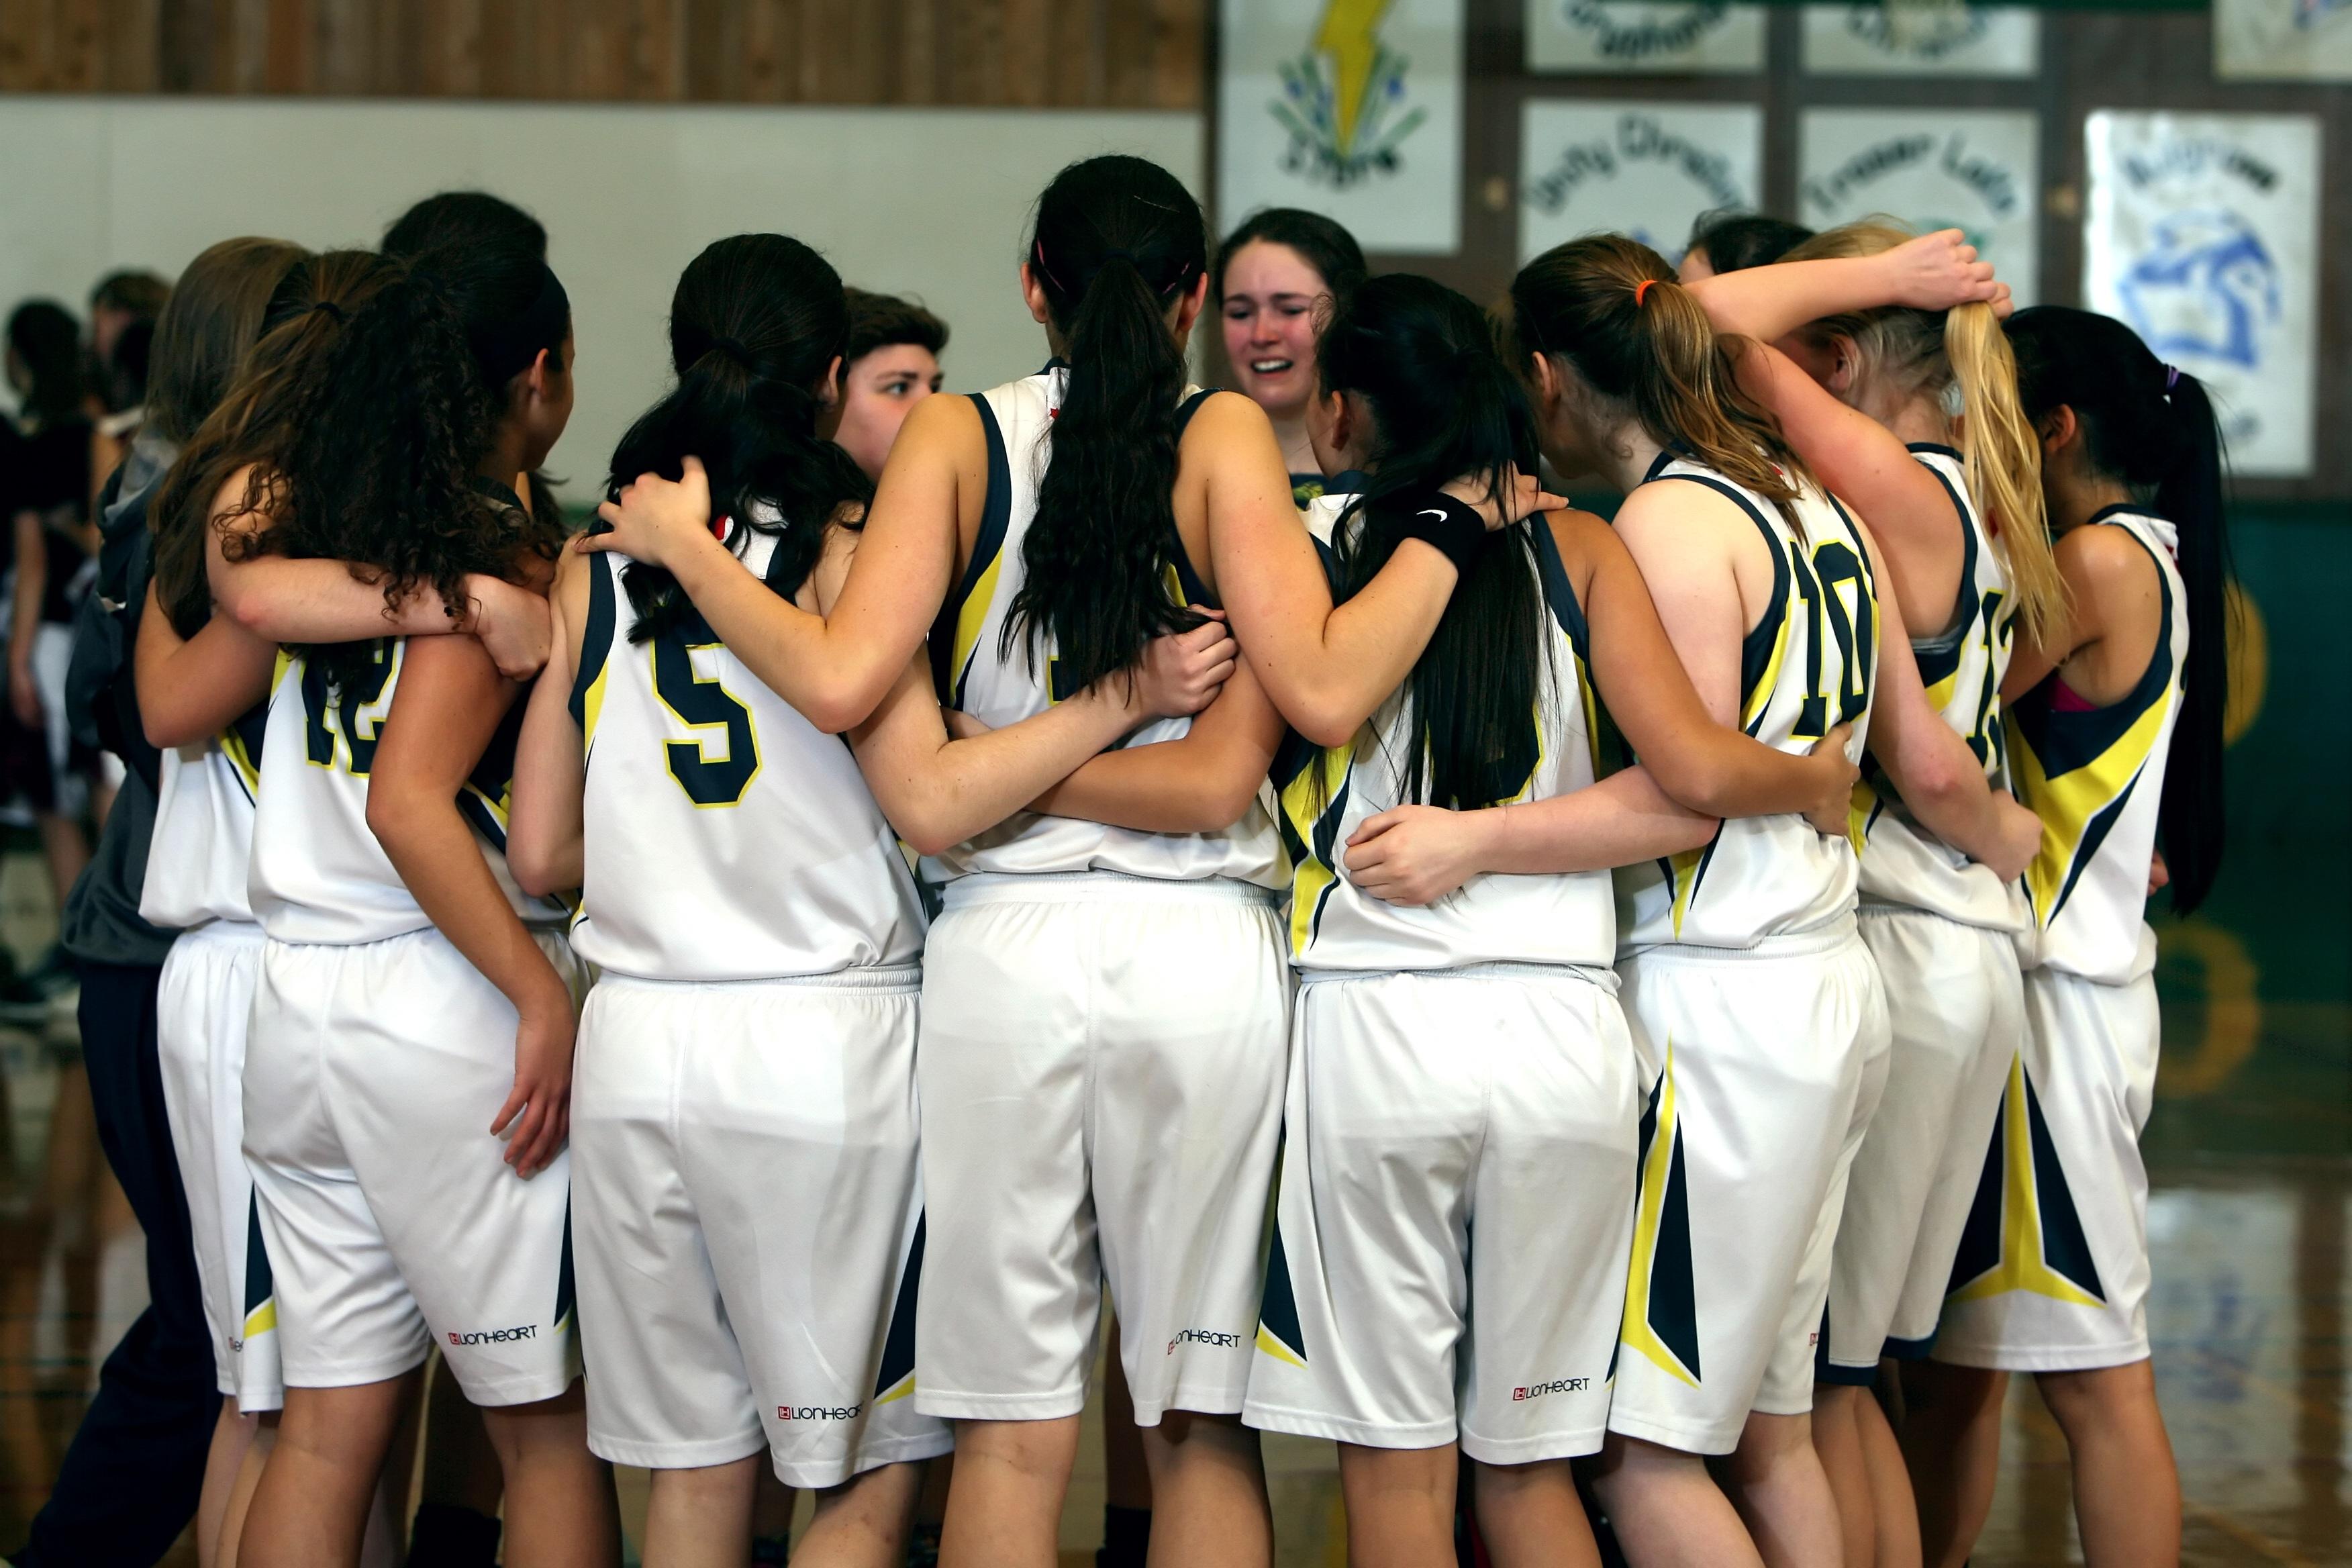 Girls basketball team huddled together.